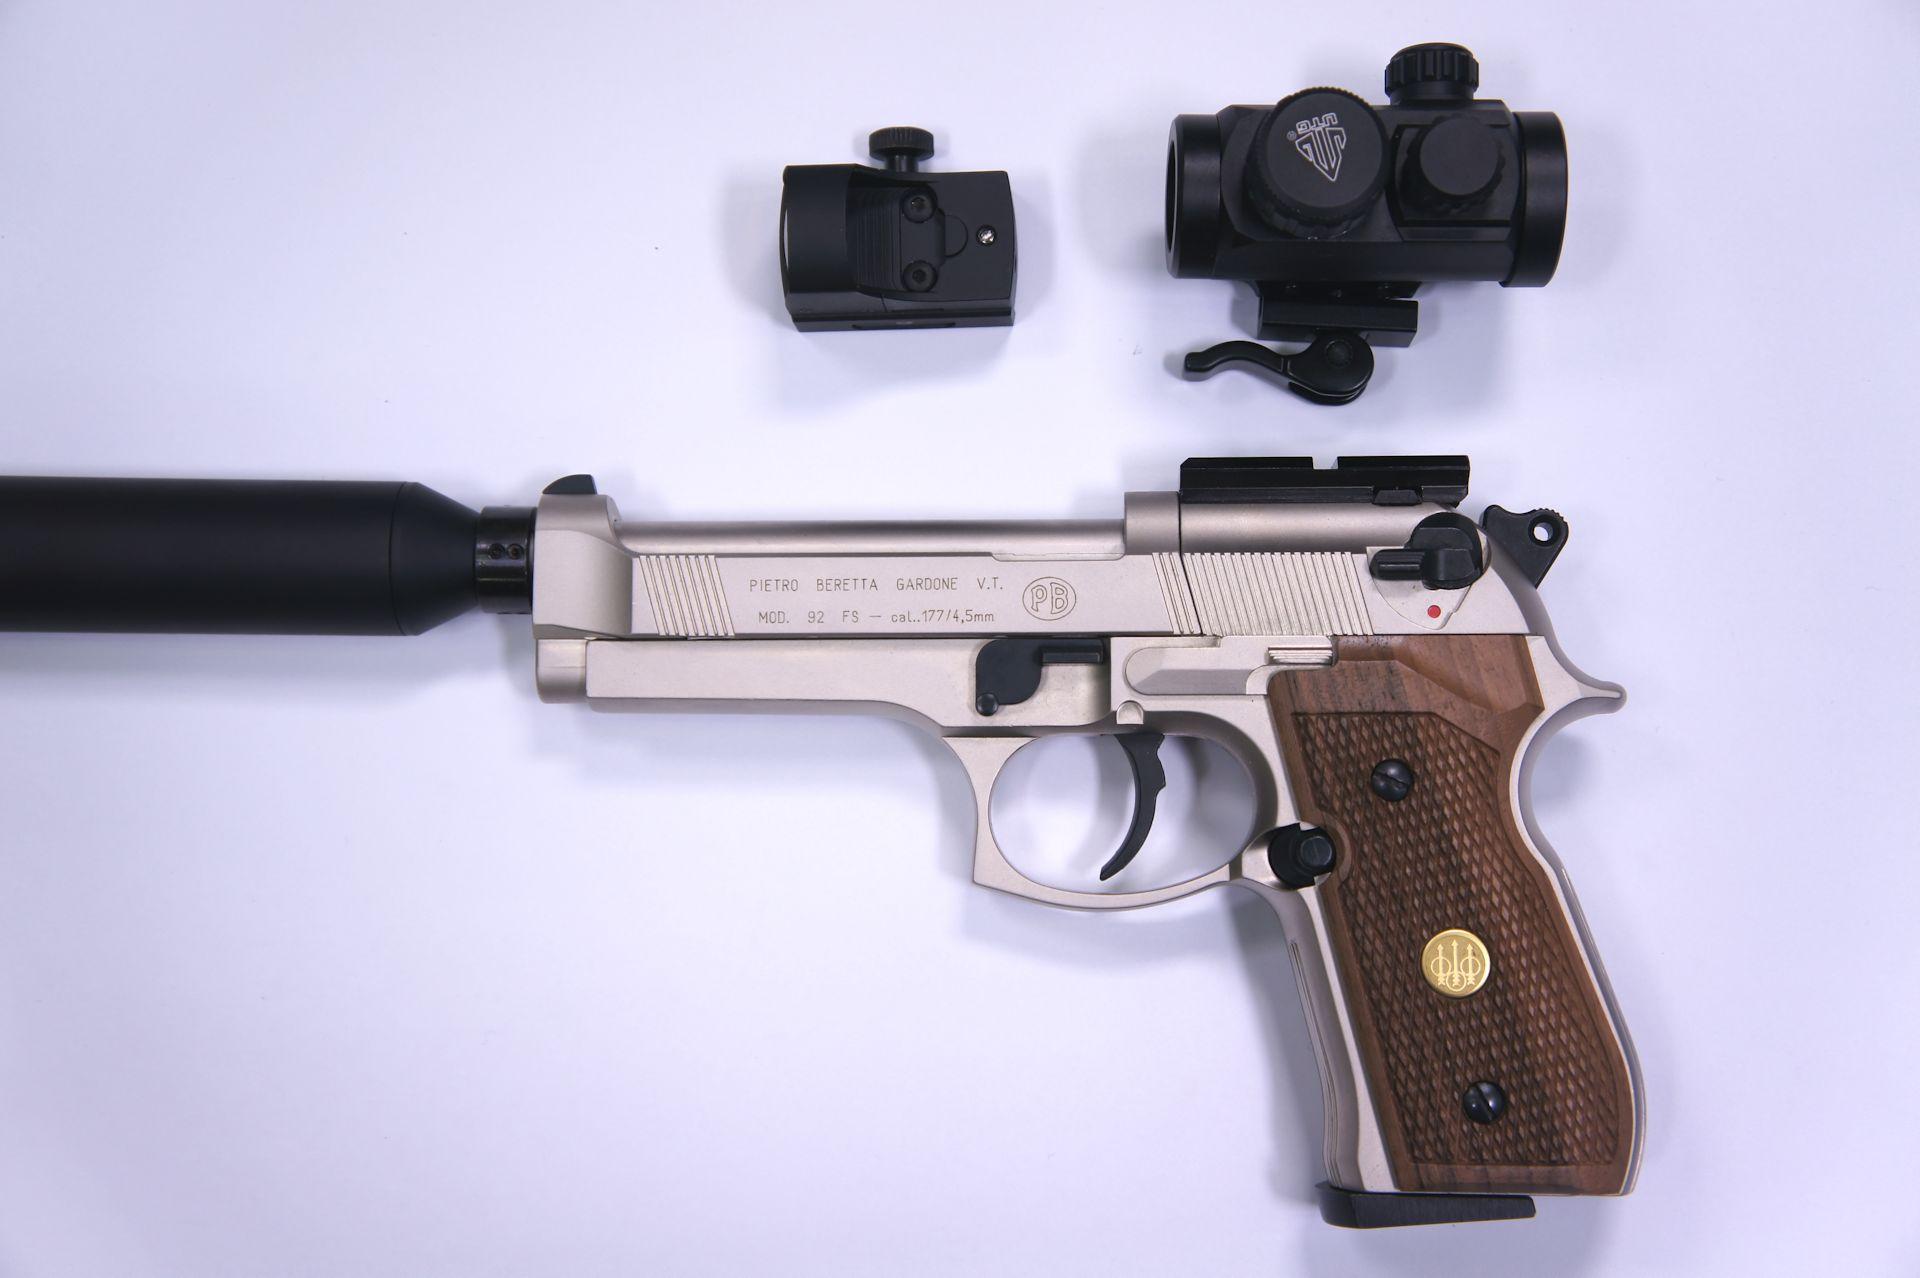 CO2 Pistole Beretta 92 FS mit den verschiedenen Konfigurationsmöglichkeiten